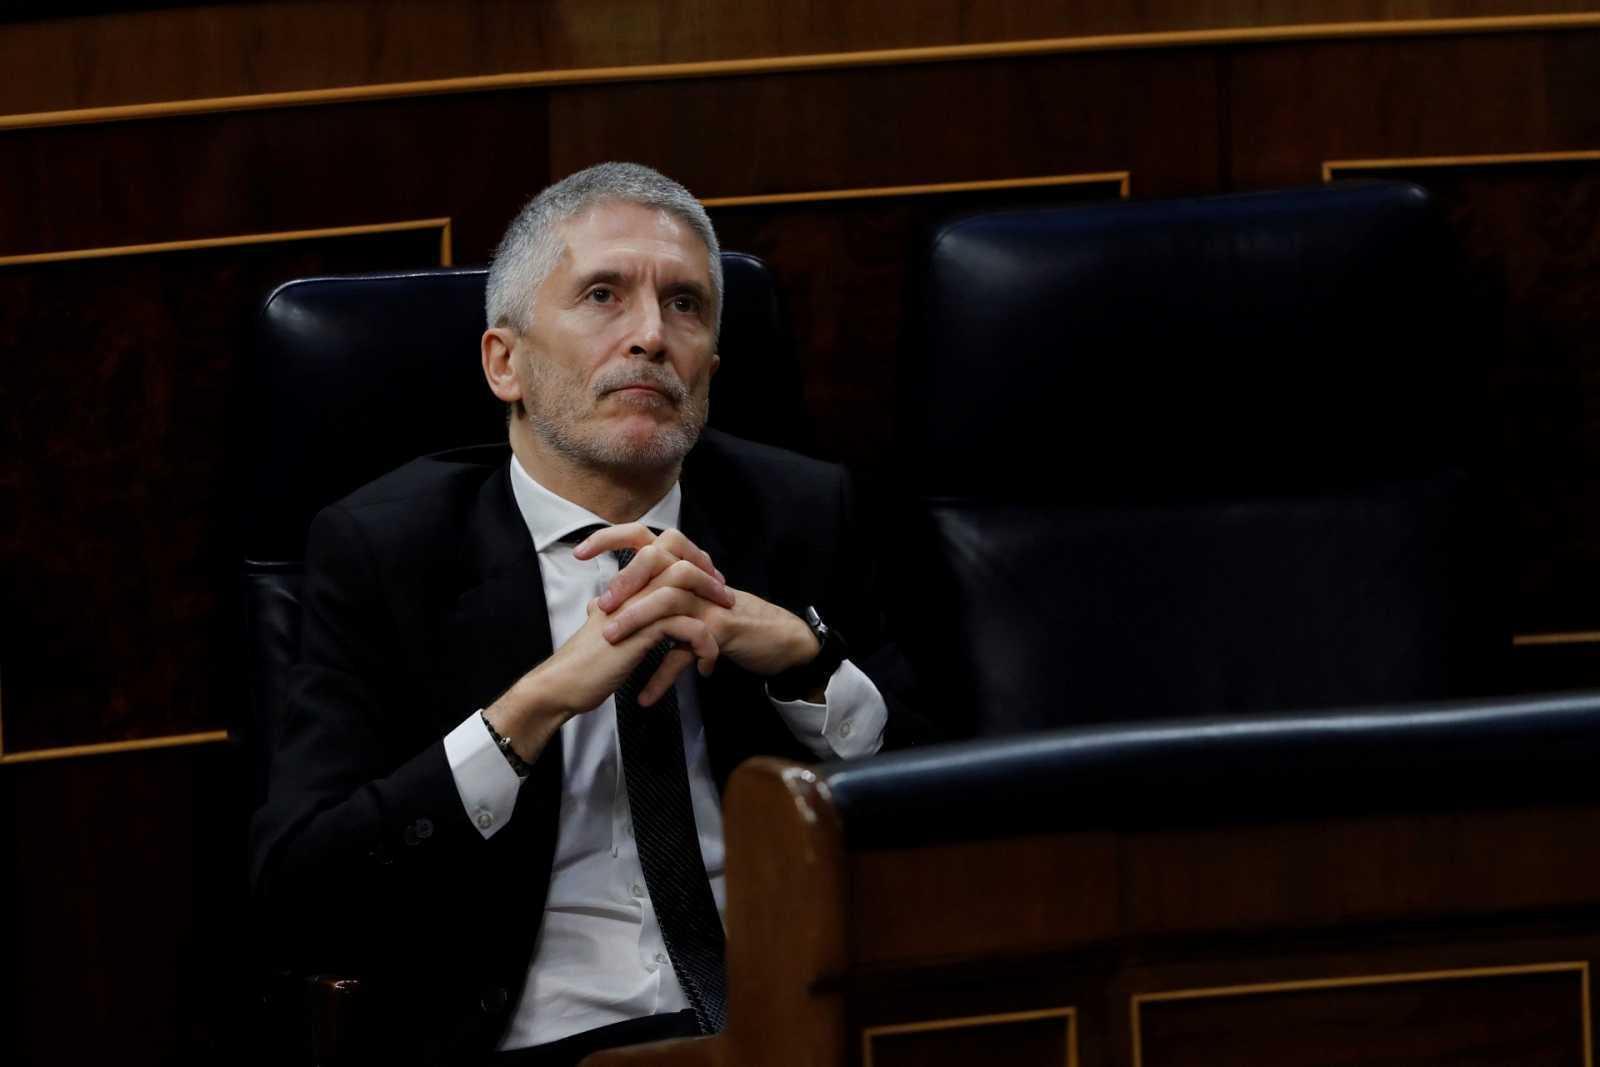 El ministro del Interior, Fernando Grande-Marlaska, en una imagen de archivo.